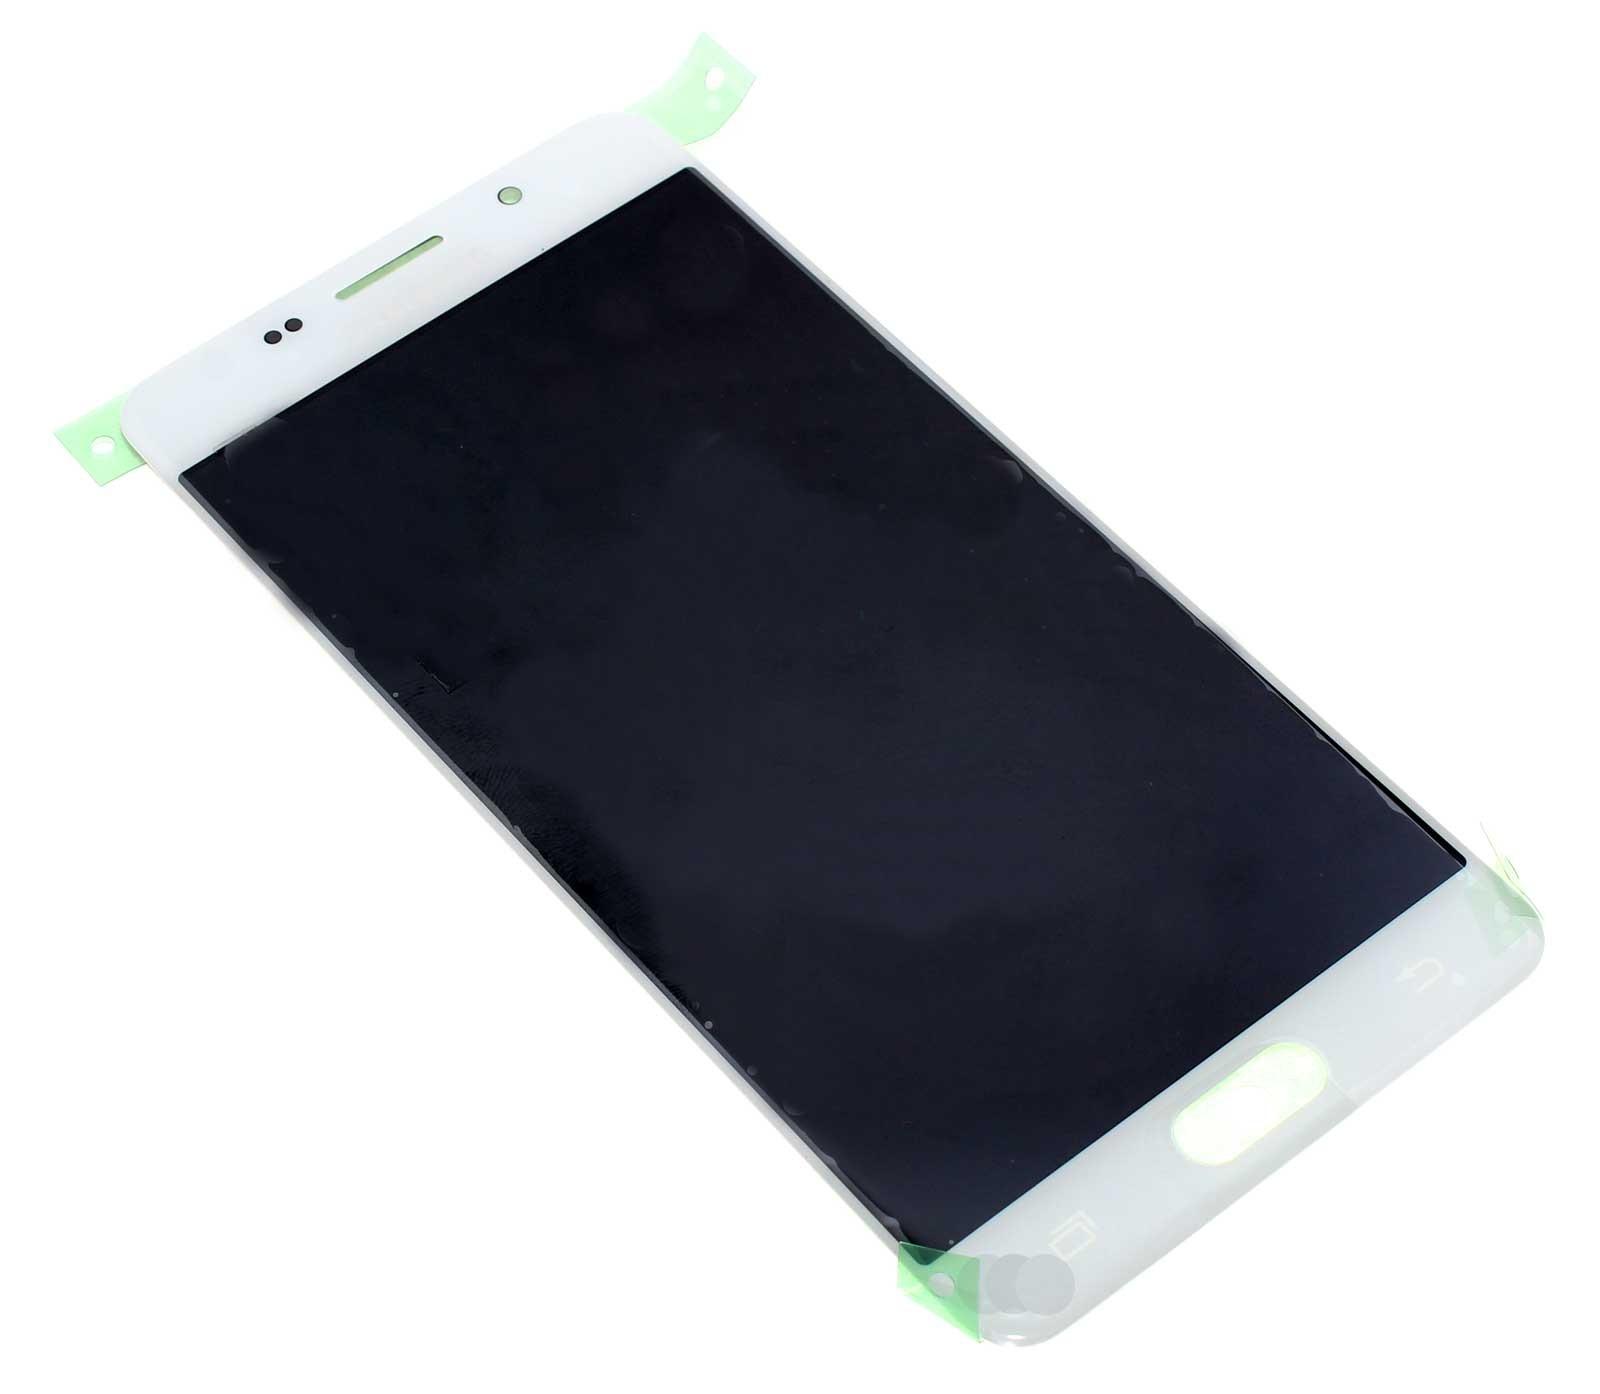 Display, LCD, Touchscreen, Digitizer, Displayeinheit in Farbe weiß für Samsung Galaxy A5 SM-A510F (2016) Smartphone, Handy, Mobiltelefon, wie Ersatzteil Teilenummer GH97-18250A